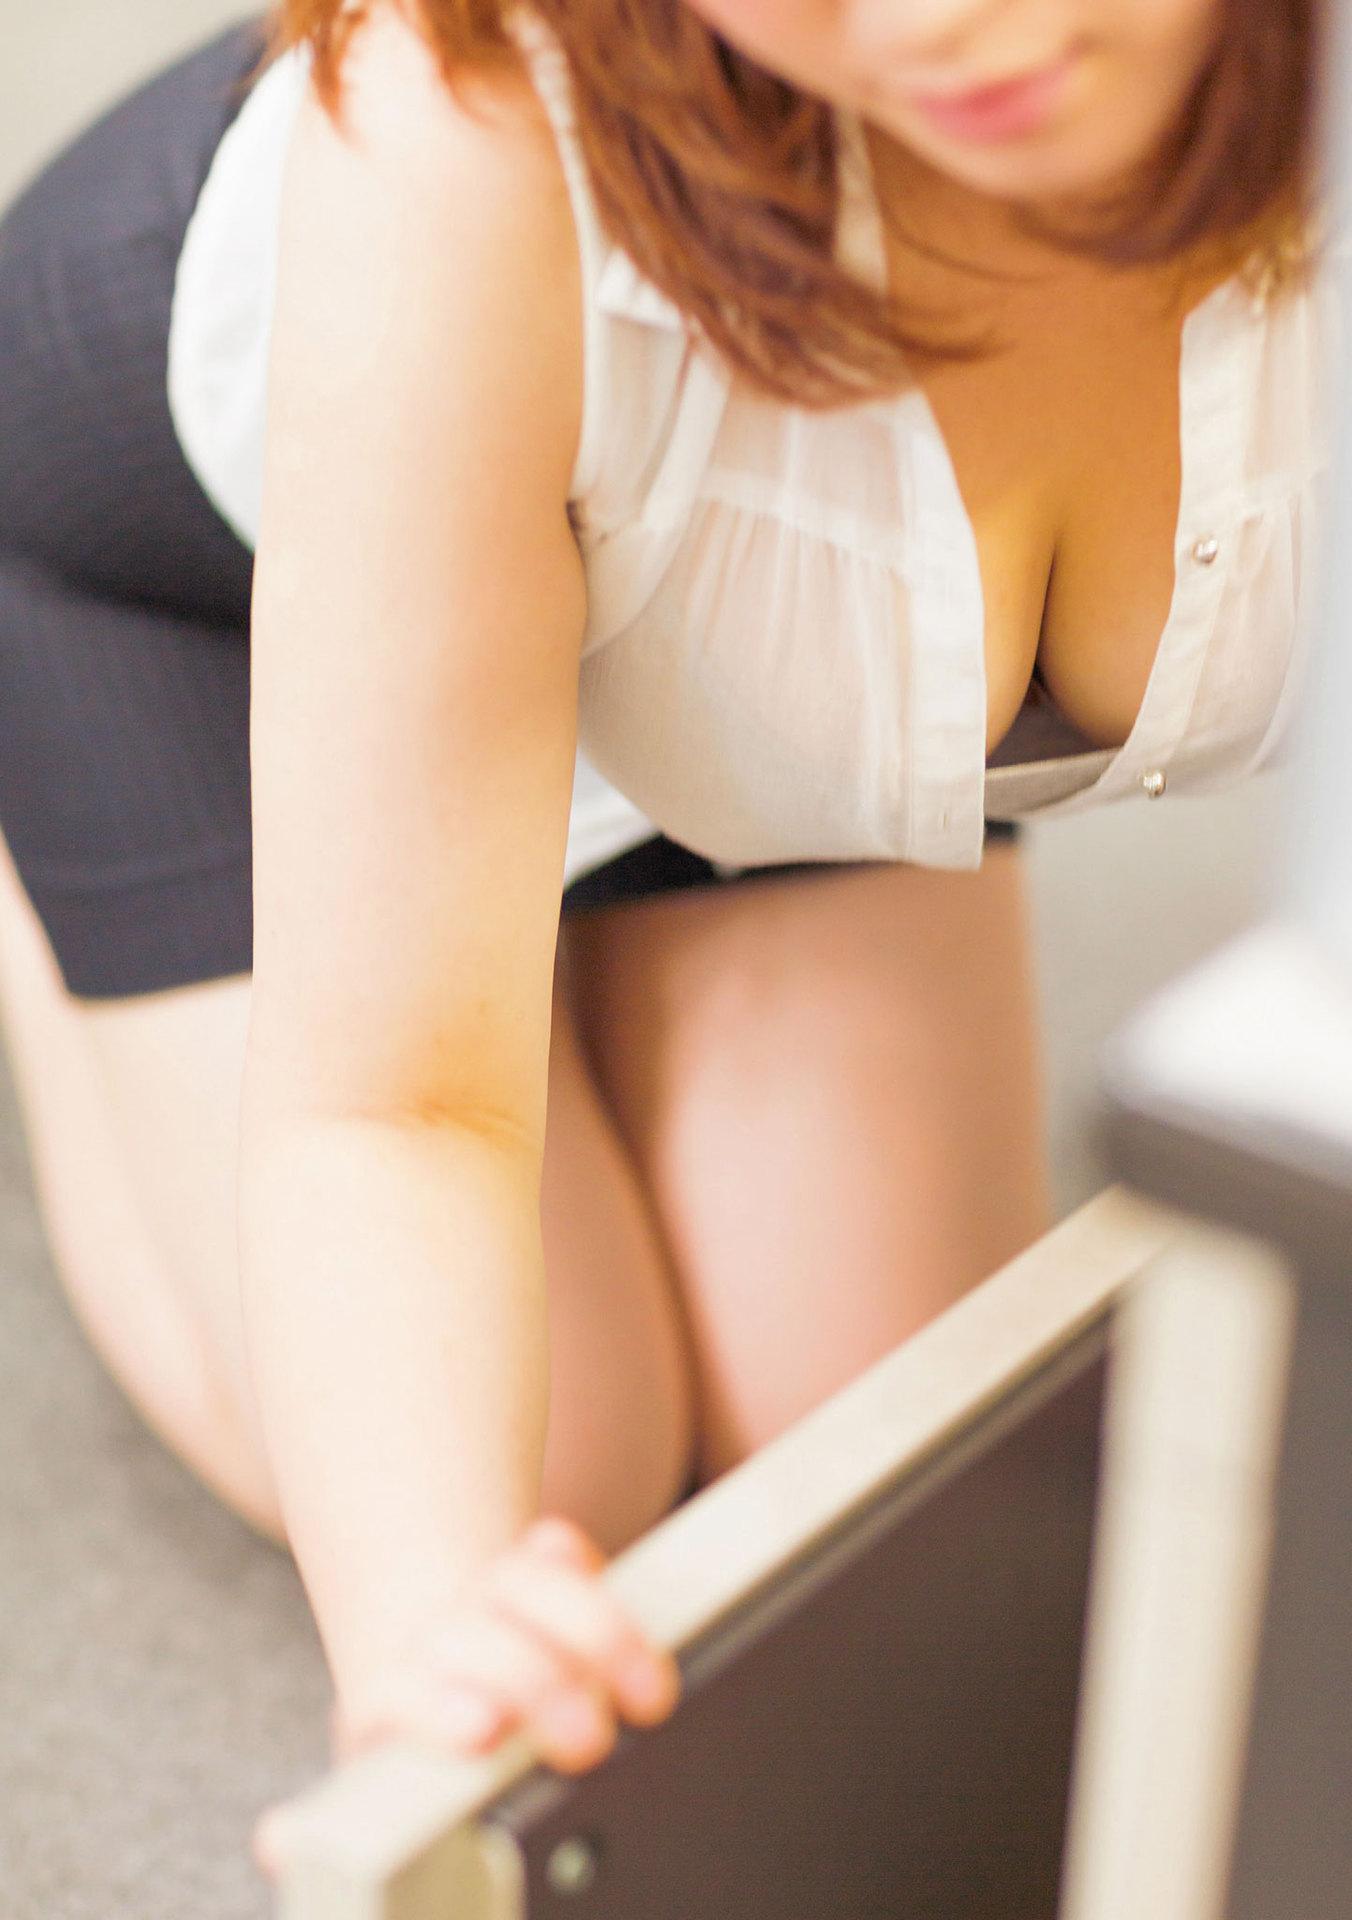 Uniform, swimsuit, underwear yukata088